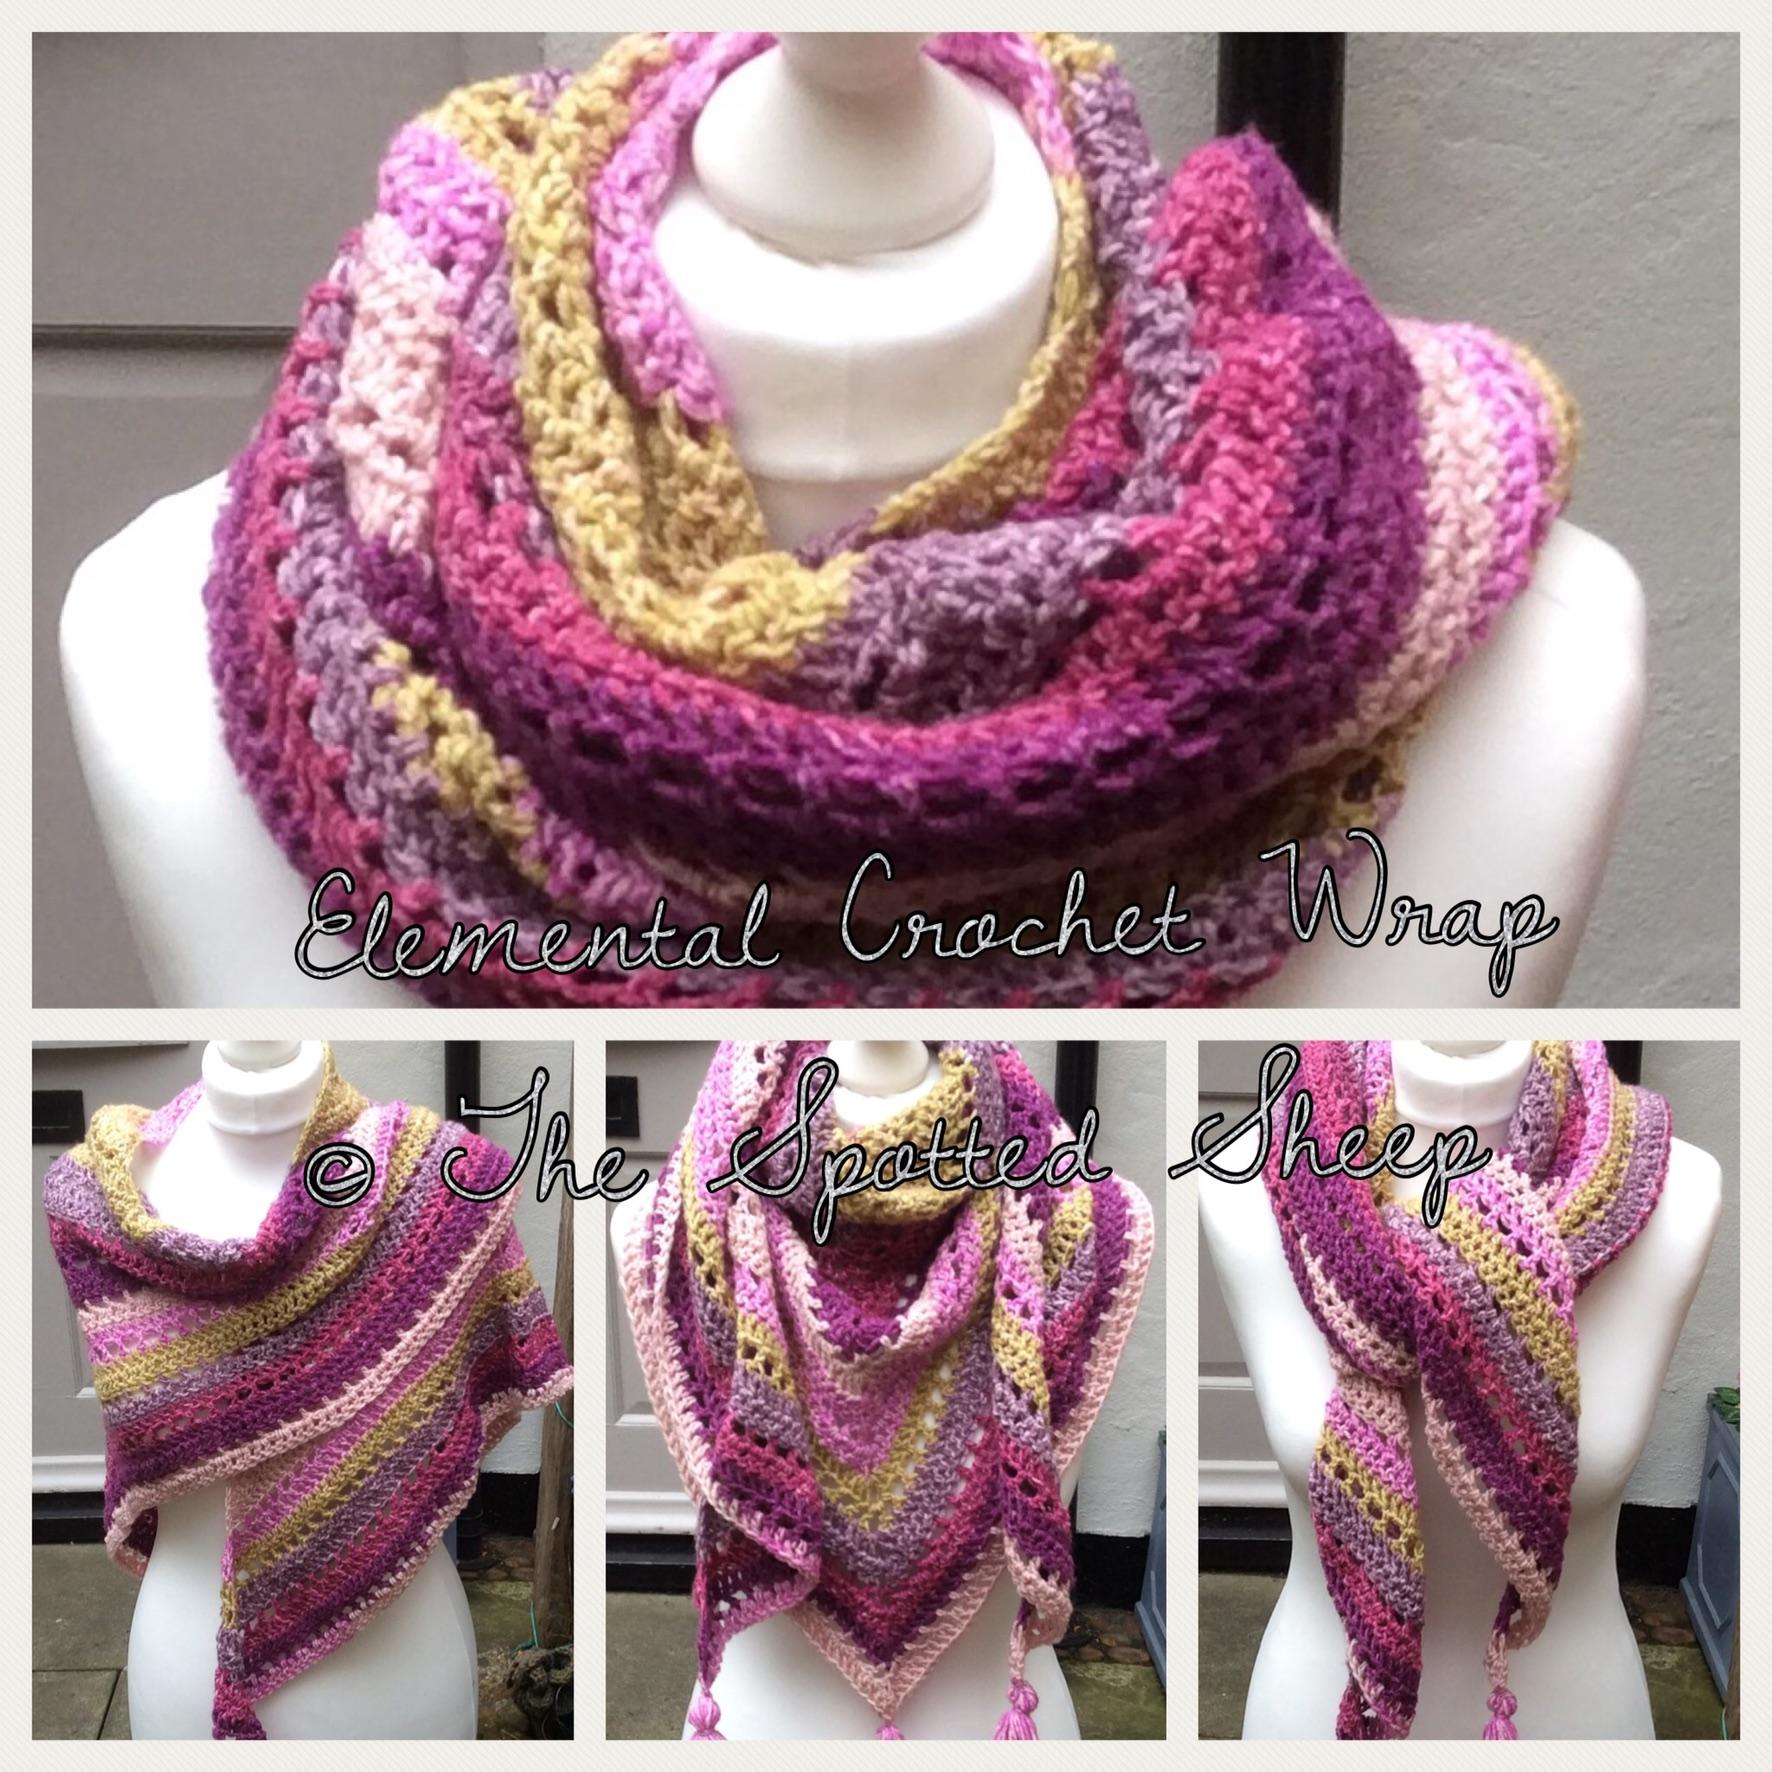 Elemental Crochet Wrap